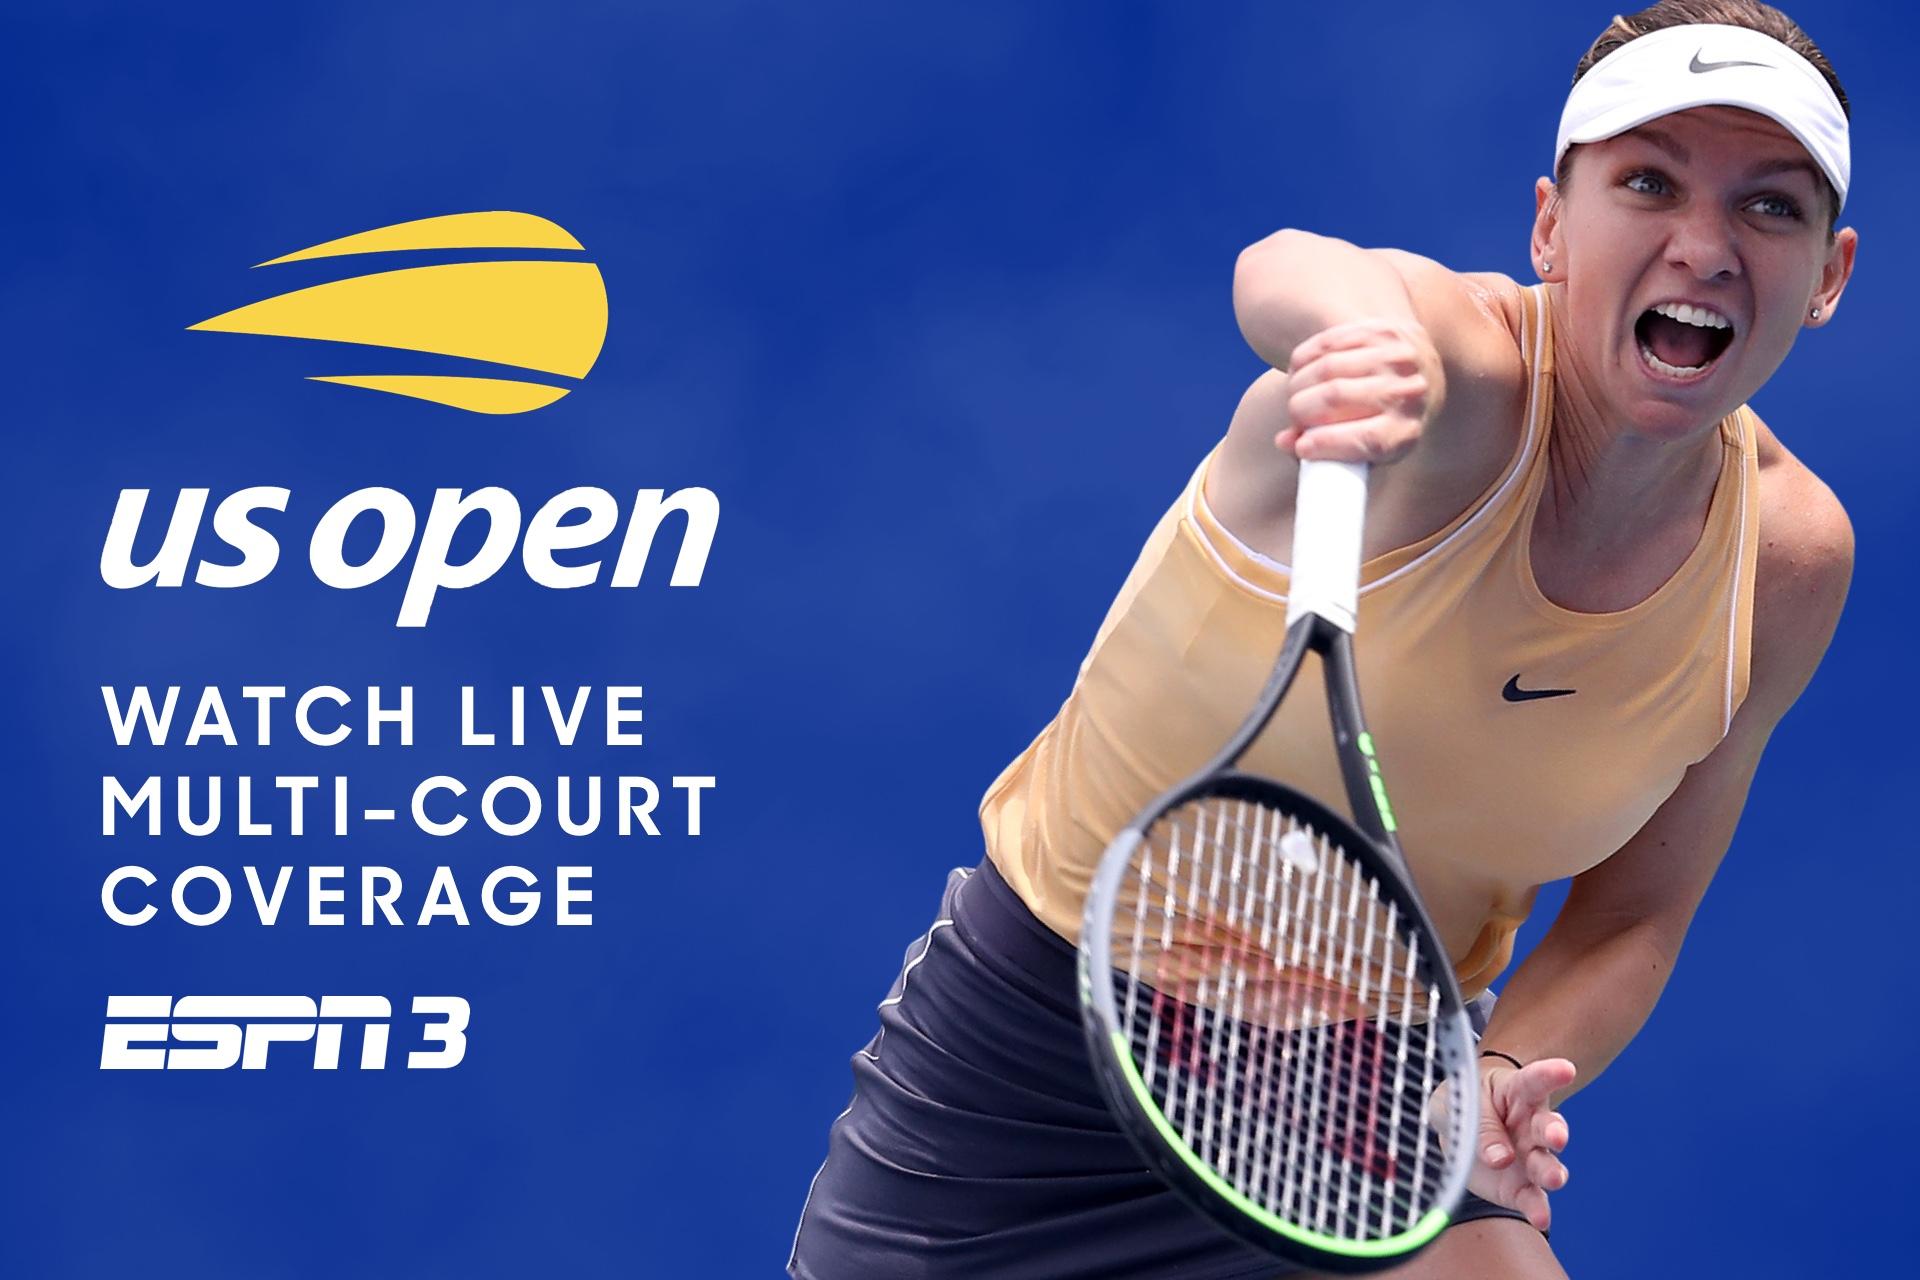 U.S_Open_Simona_Halep_Live.jpg